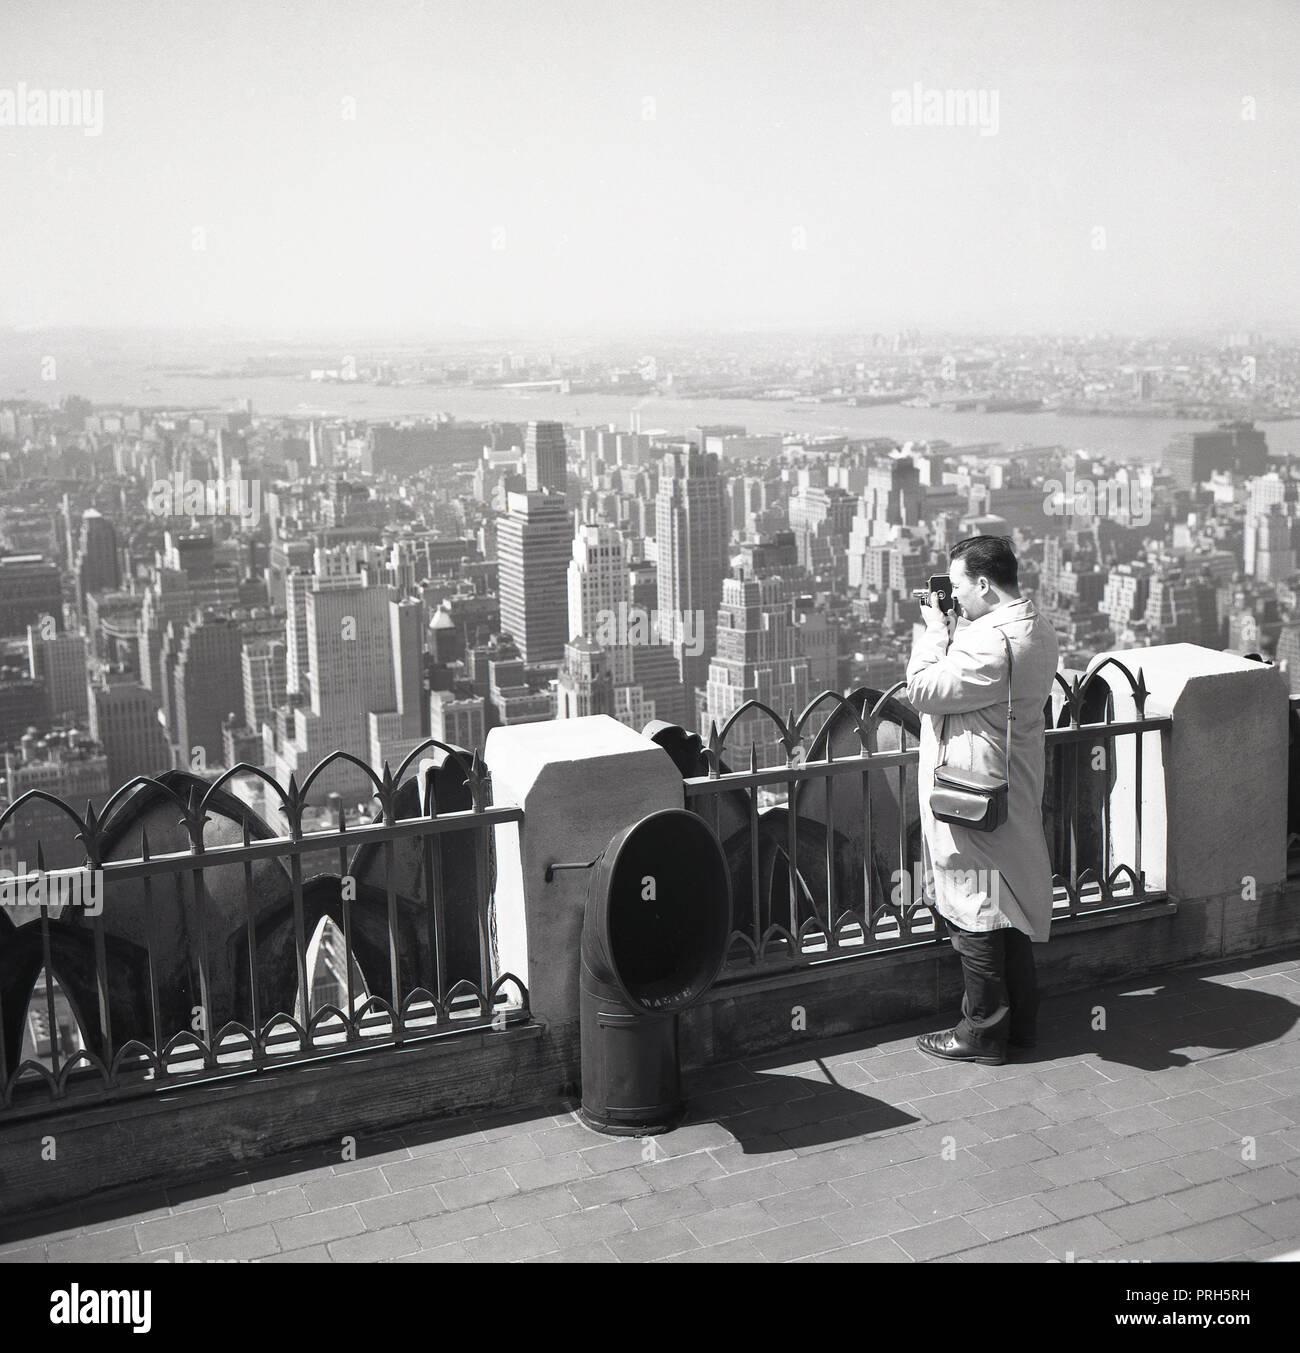 1950, histórico, el hombre con una cámara para filmar una película de cine y vistas al horizonte de la ciudad de Nueva York desde la cima del Empire State Building, Nueva York, NY, EUA. Imagen De Stock